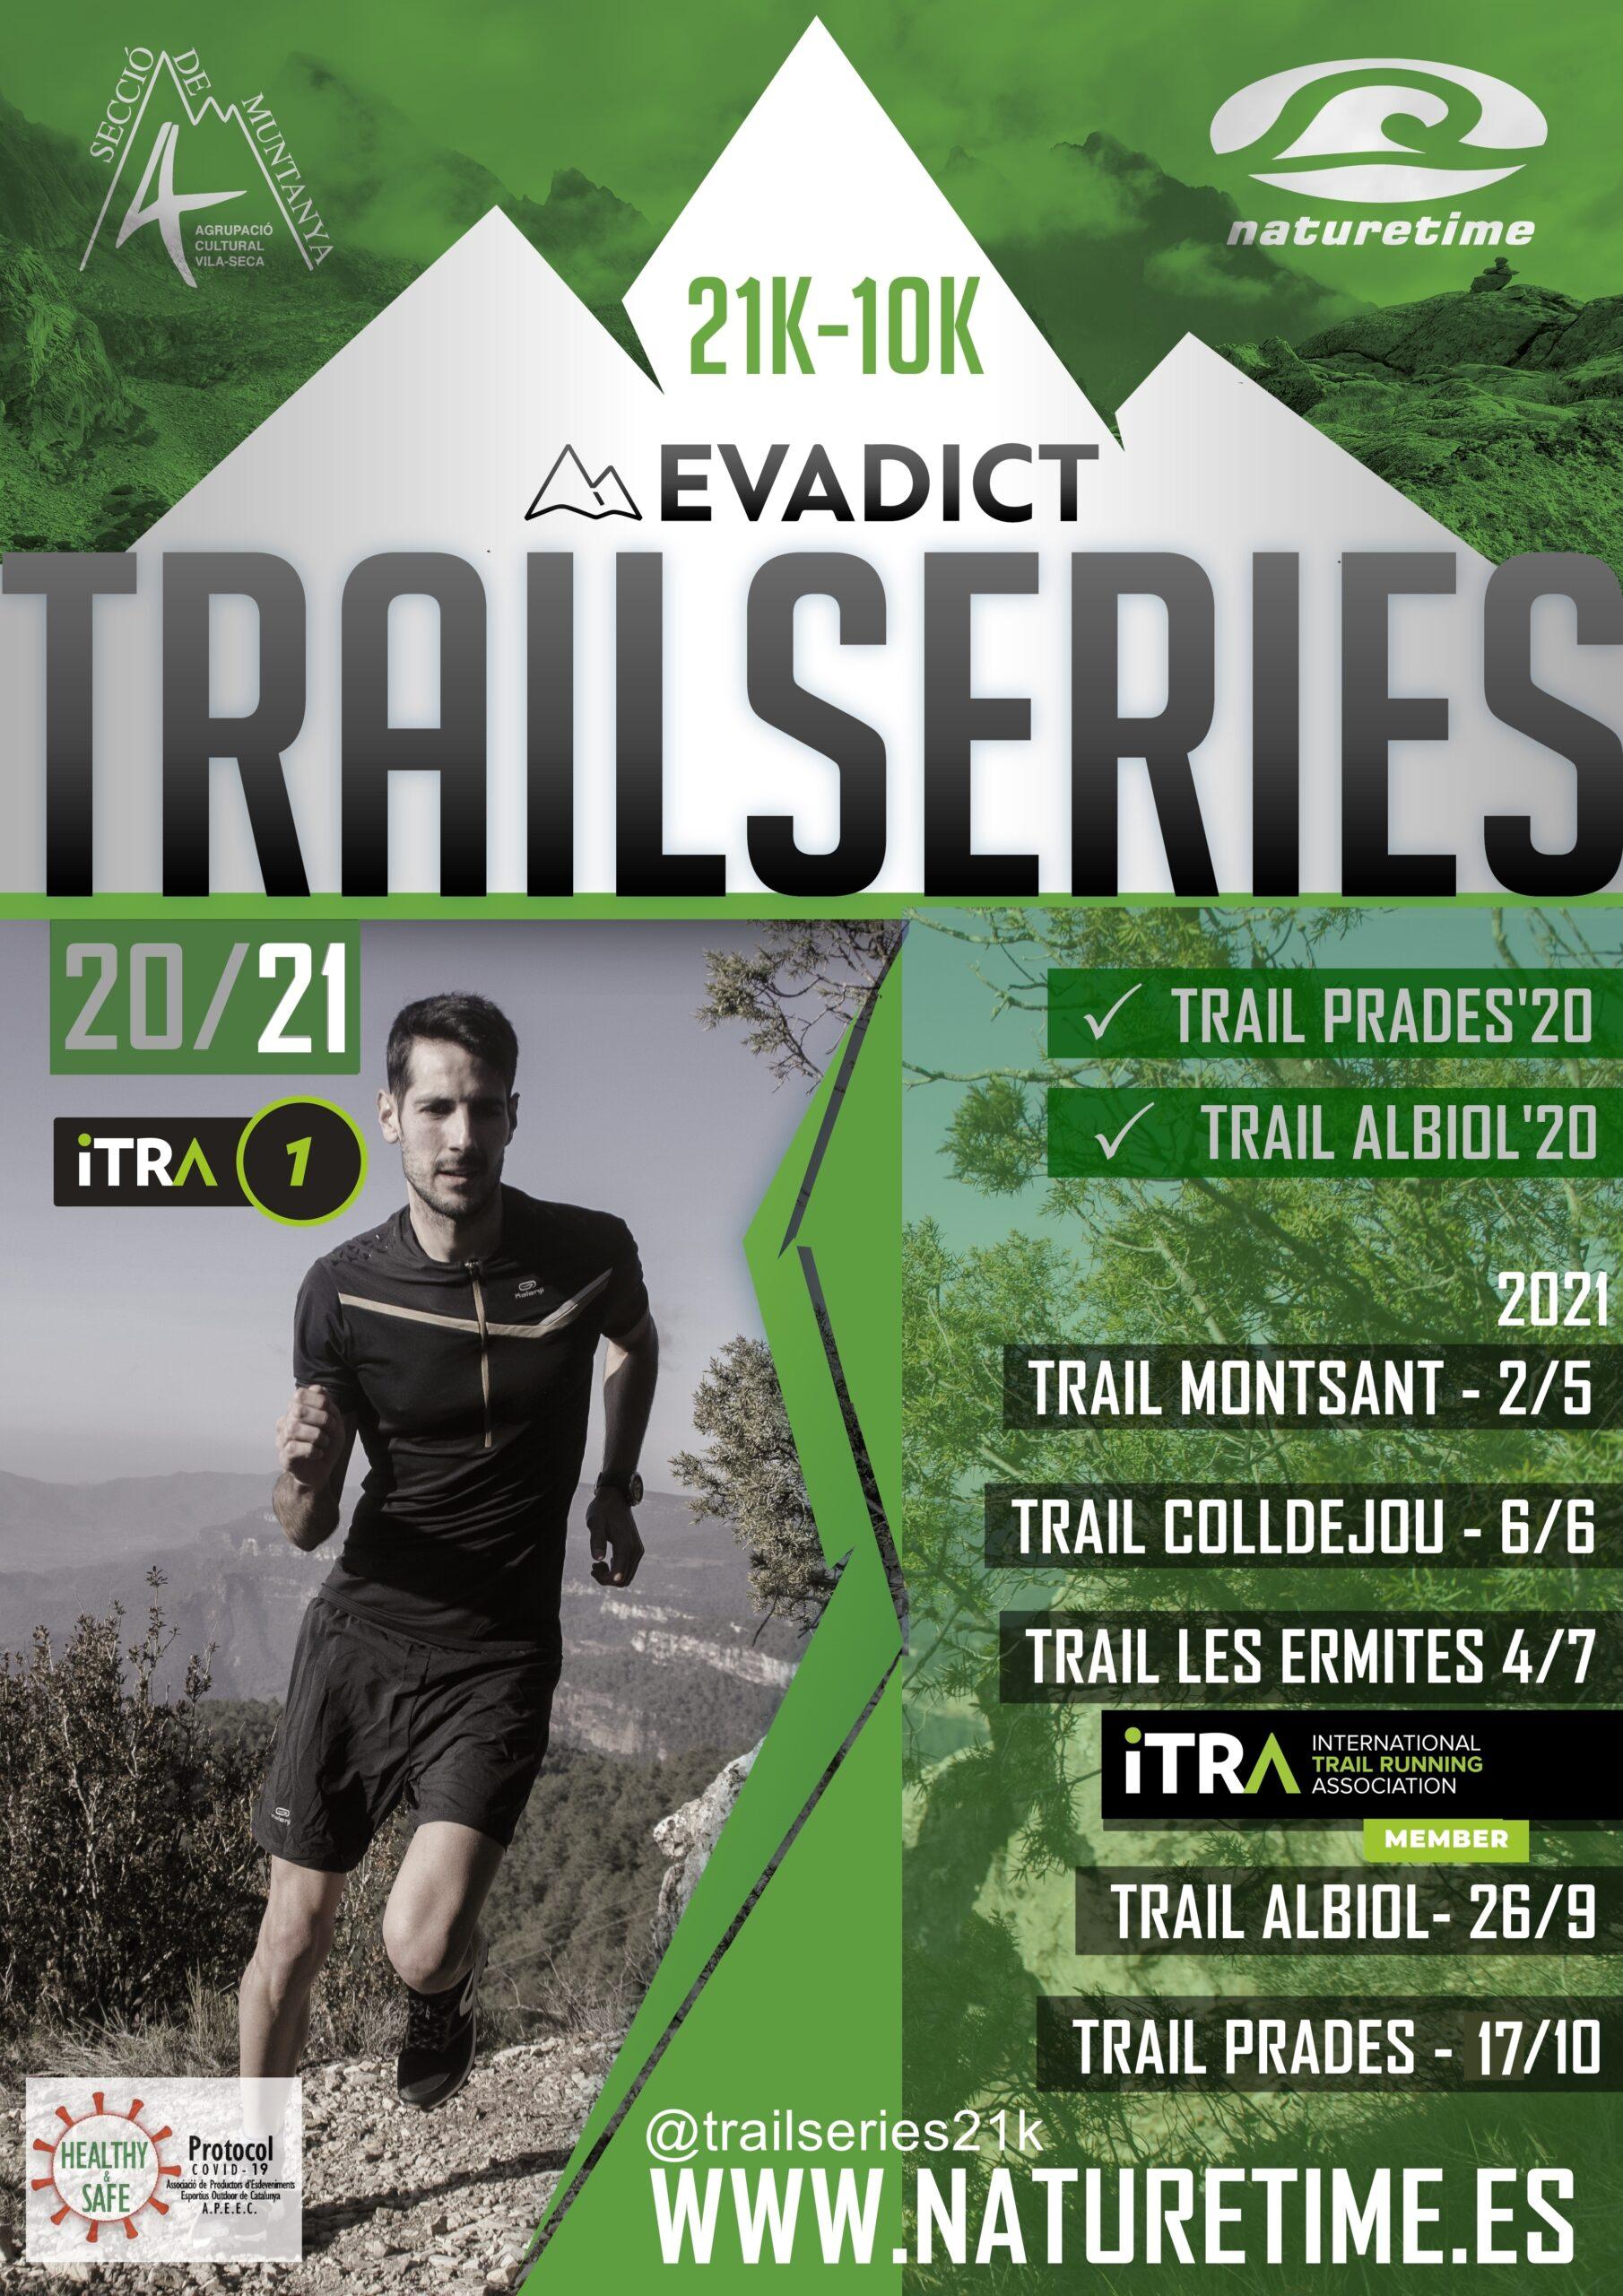 Poster evadict trailseries 2021